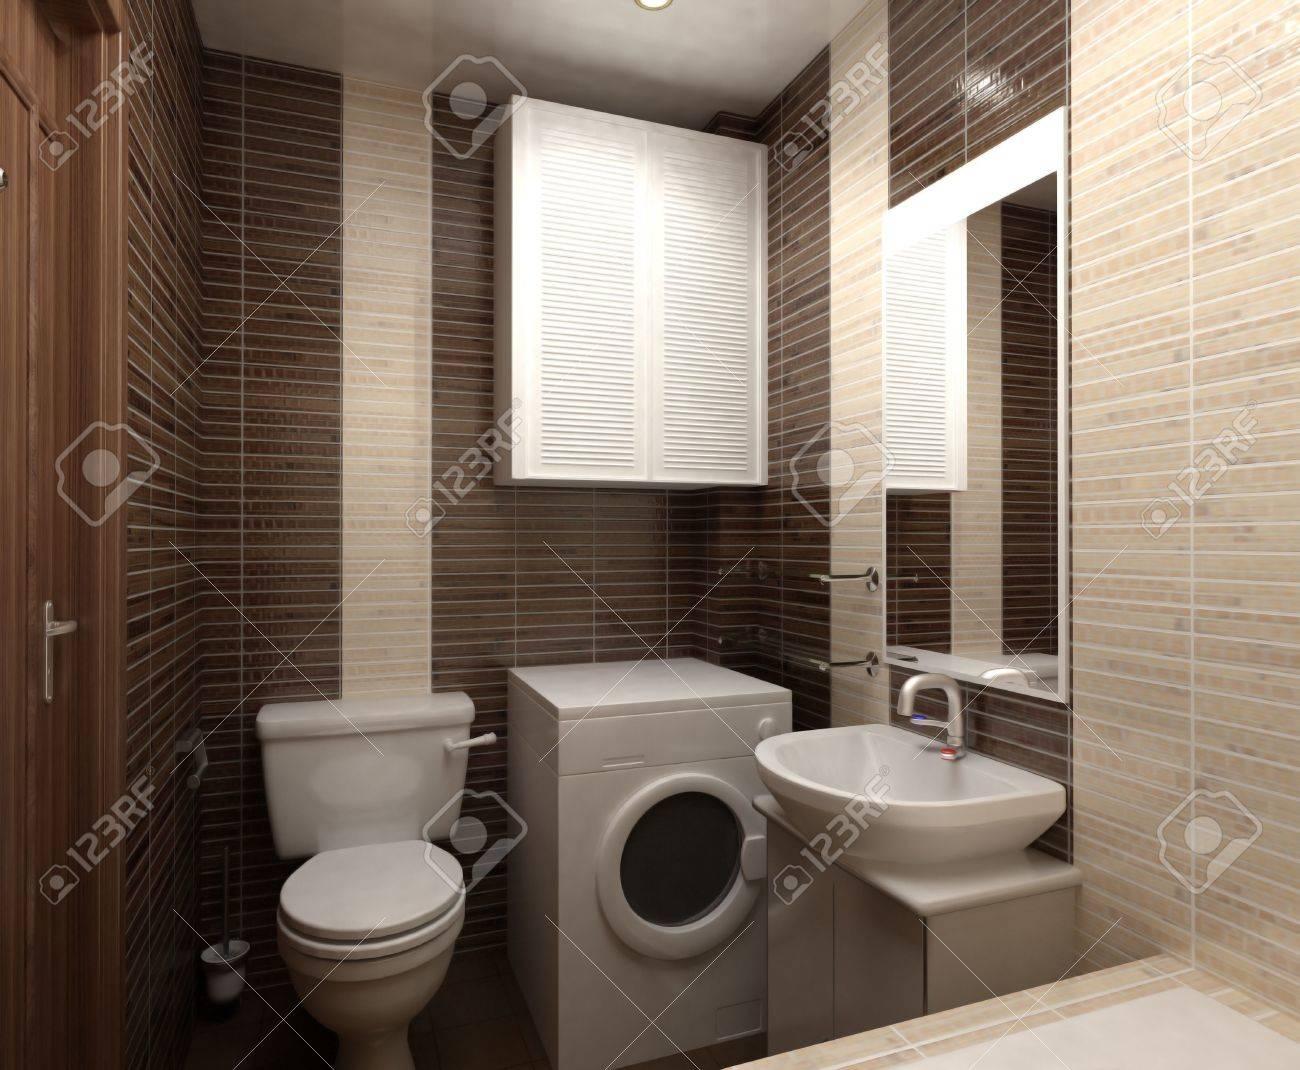 Salle De Bain Marron Beige ~ Salle De Bain Avec Toilettes Et Douche Dans La Mosa Que Jaune Banque